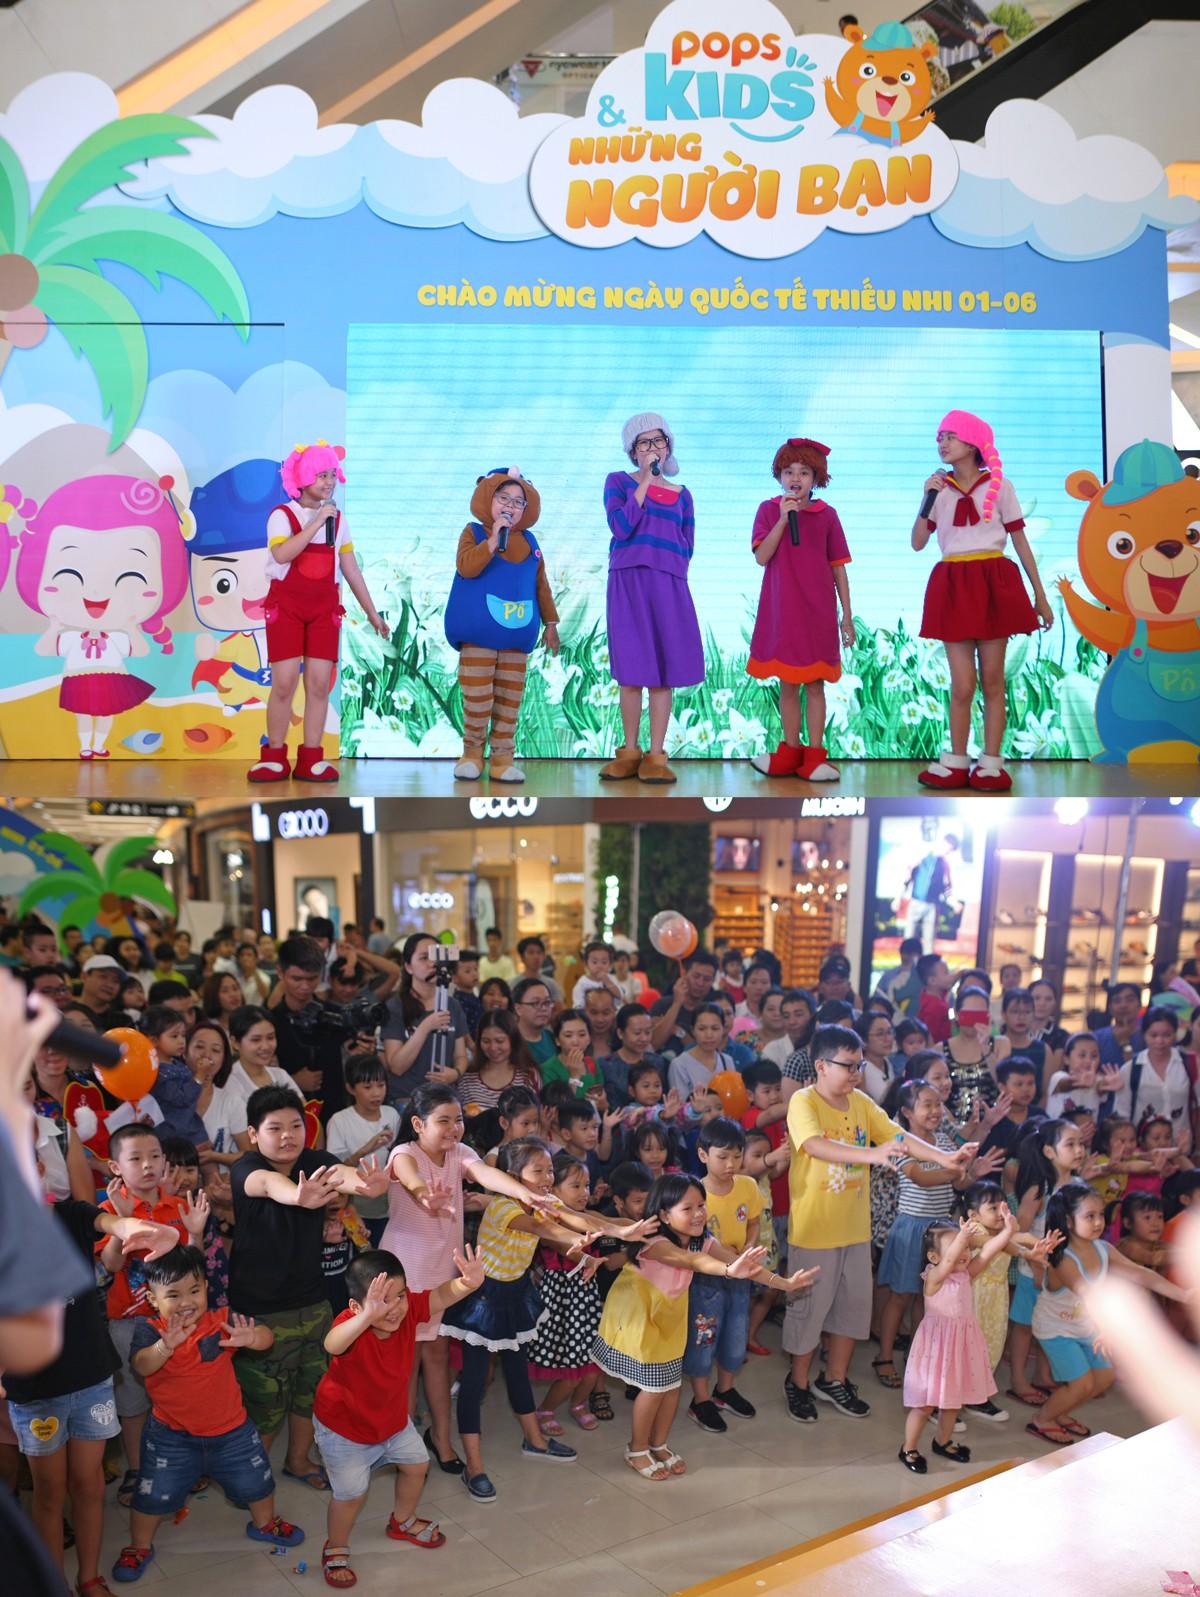 POPS Kids sẽ dẫn đội quân Pikachu đến thăm các bé vào quốc tế thiếu nhi - Ảnh 4.